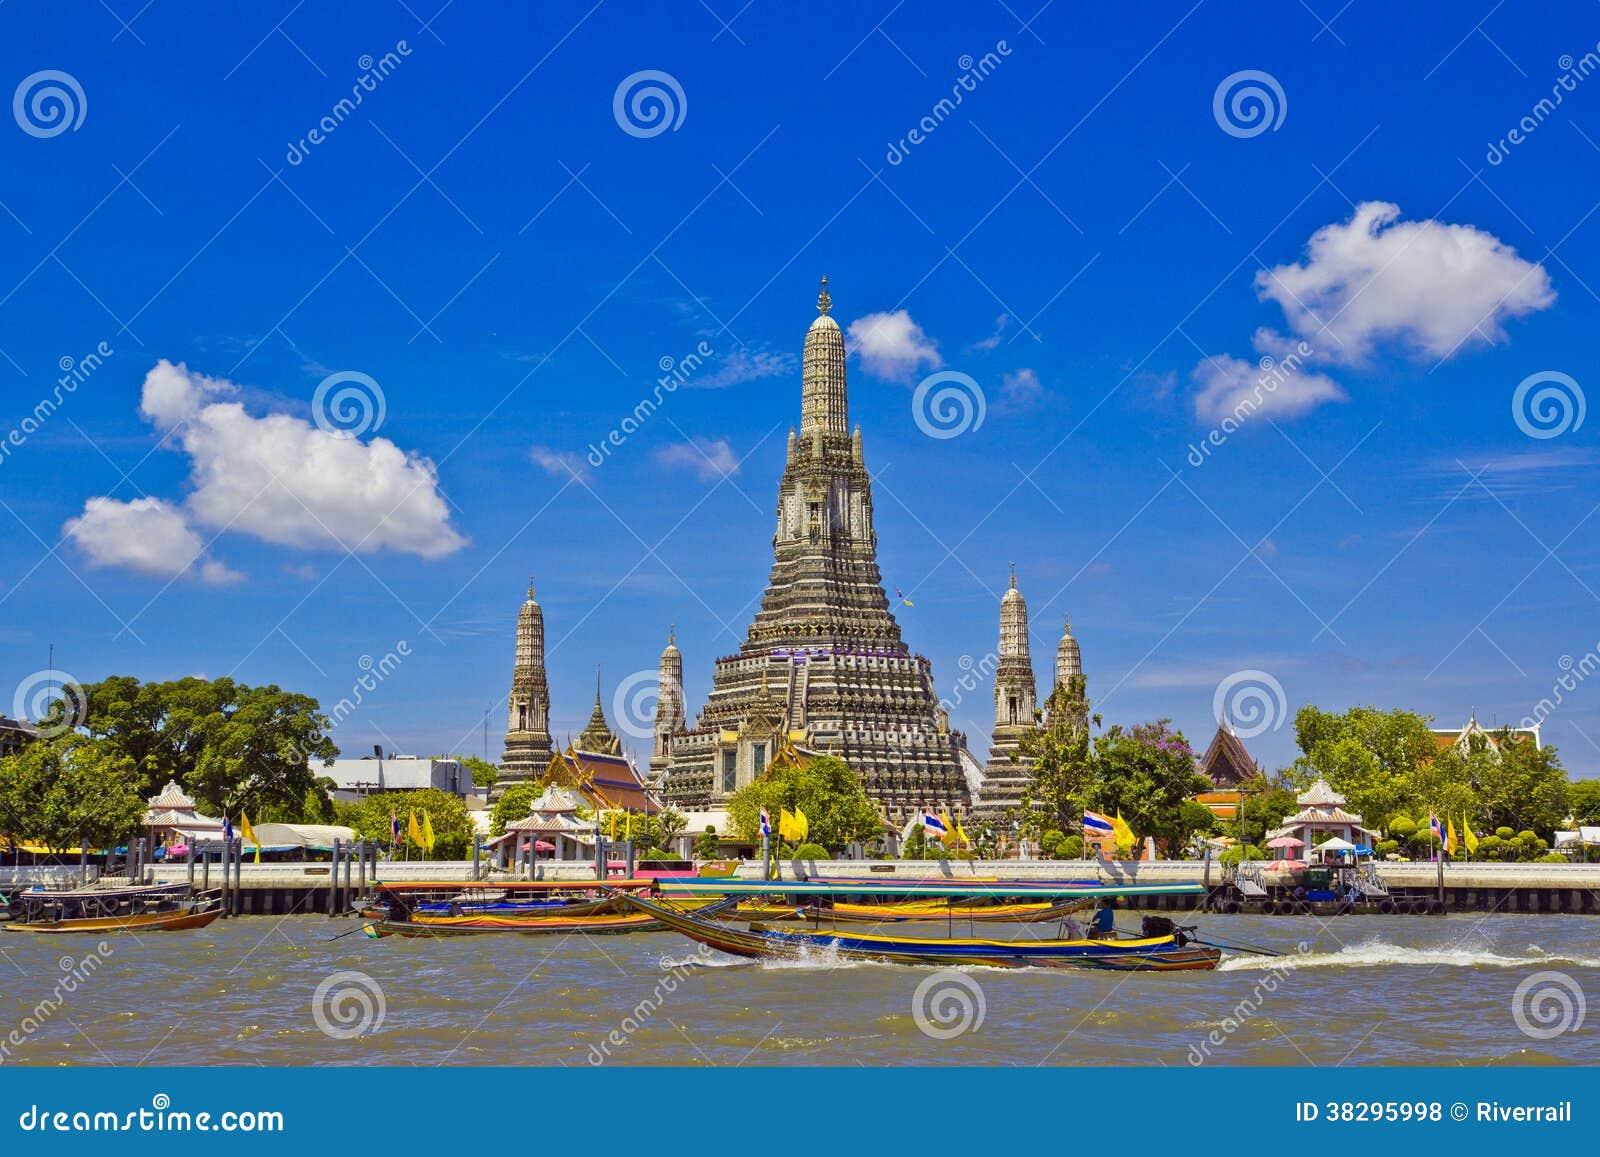 Wat Arun e cloudscape